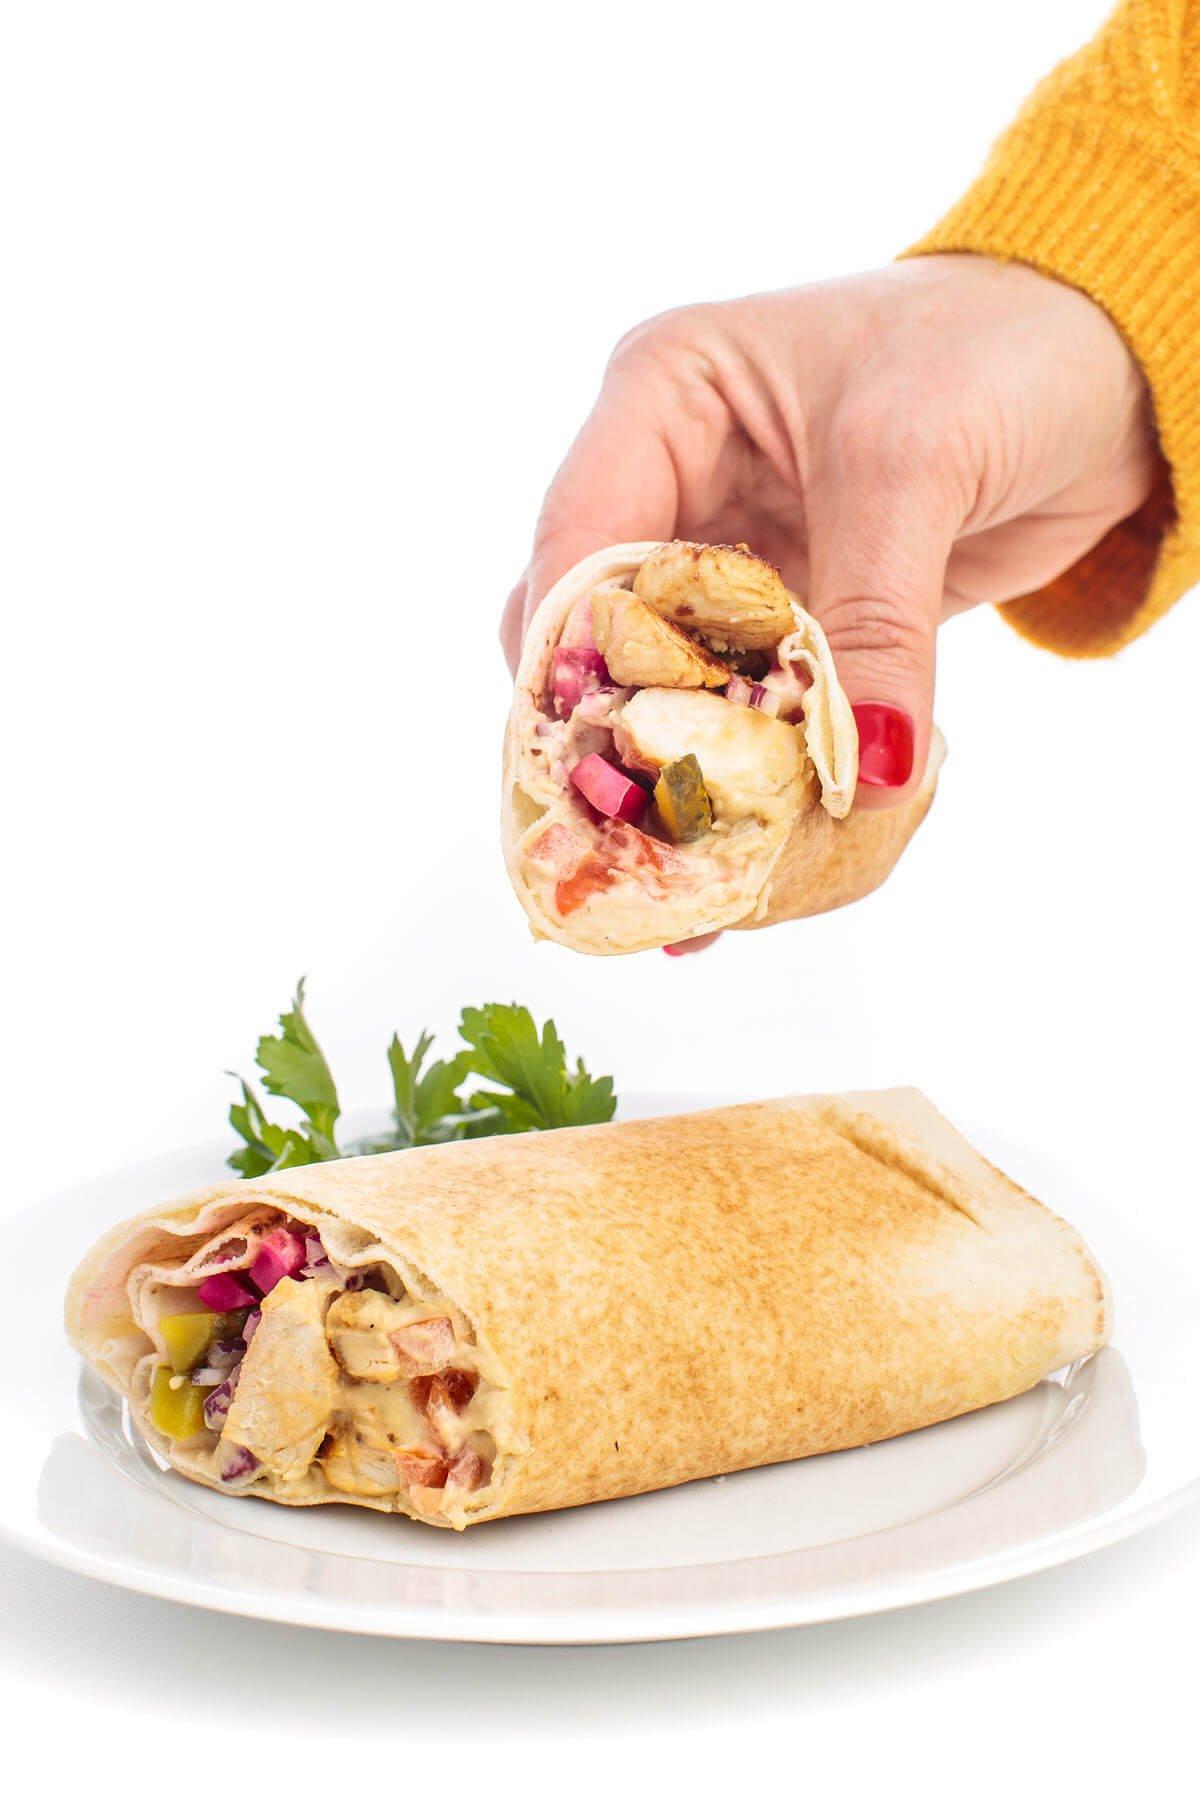 Shish Tawook Pitas with Hummus